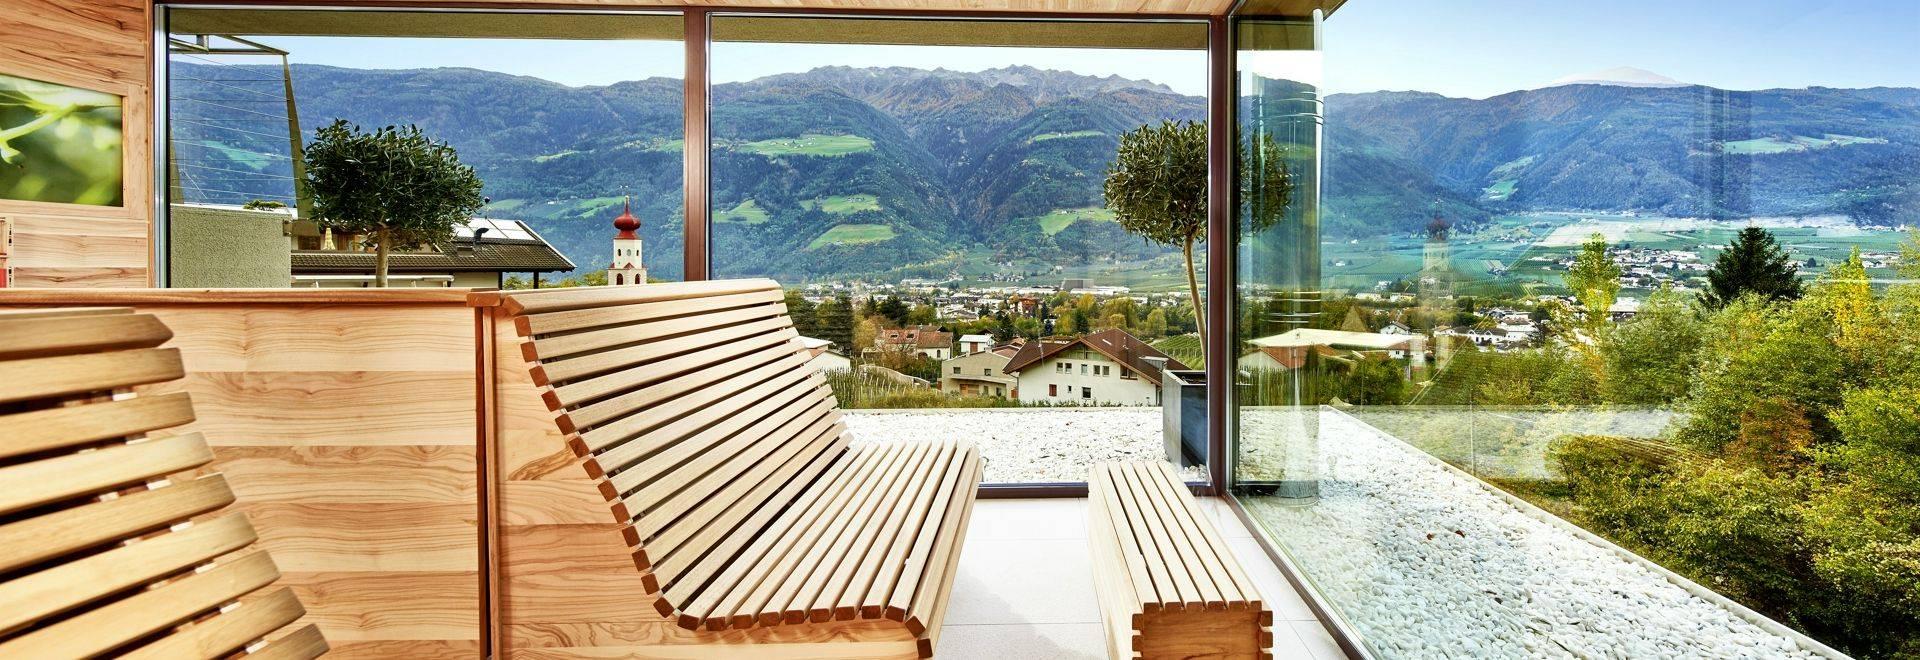 Oliven Sauna.jpg